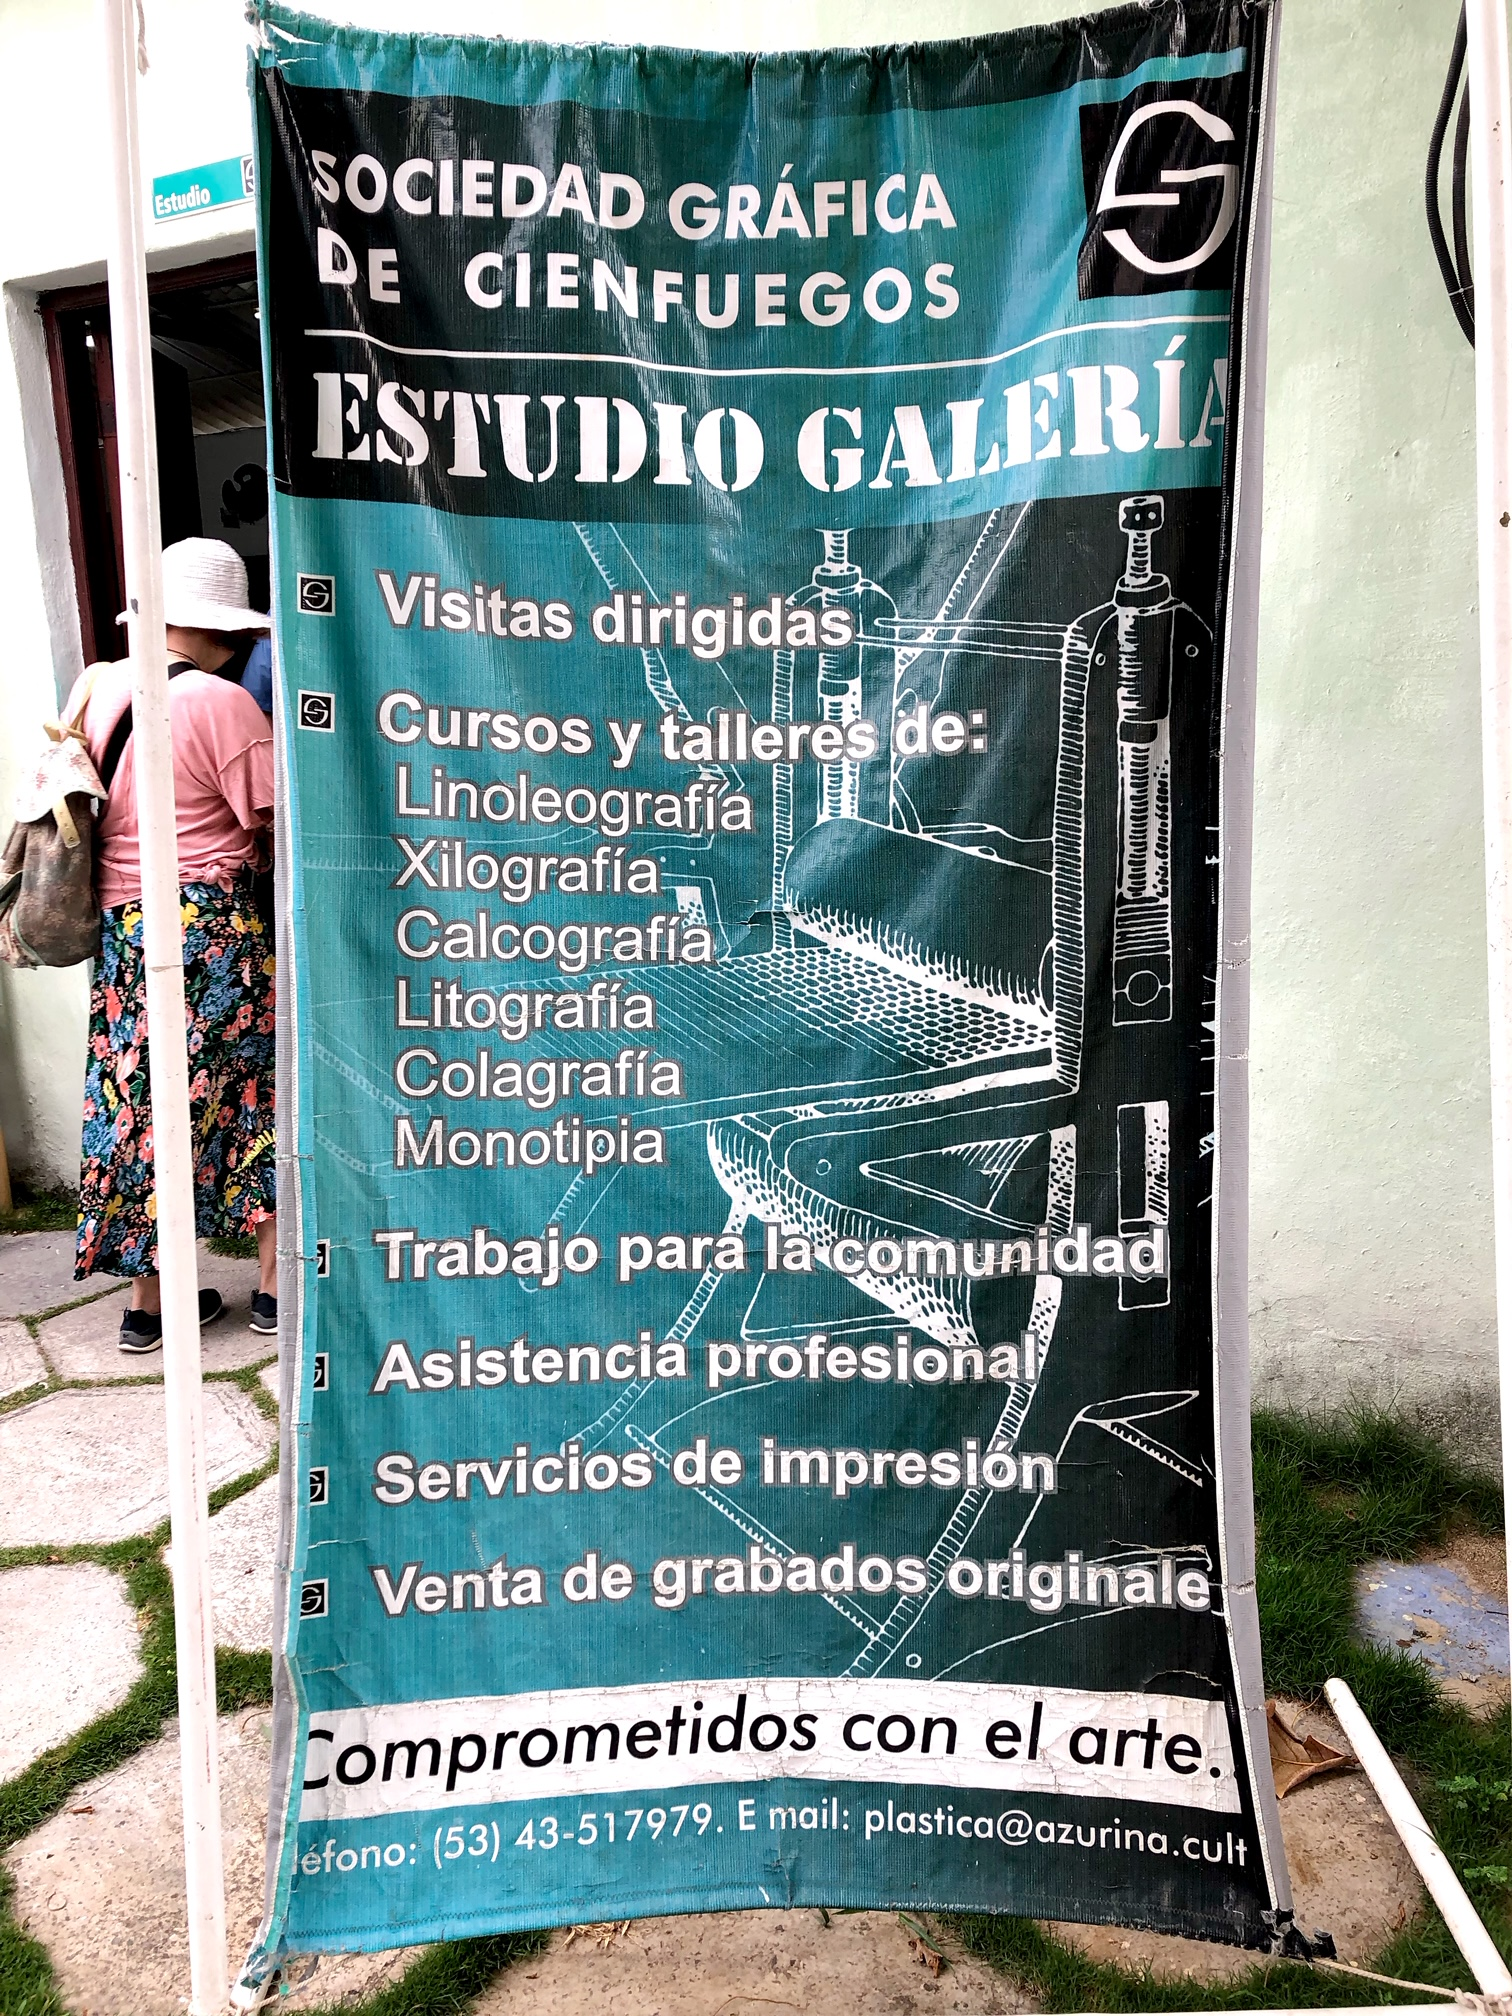 Cienfuegos15.jpg